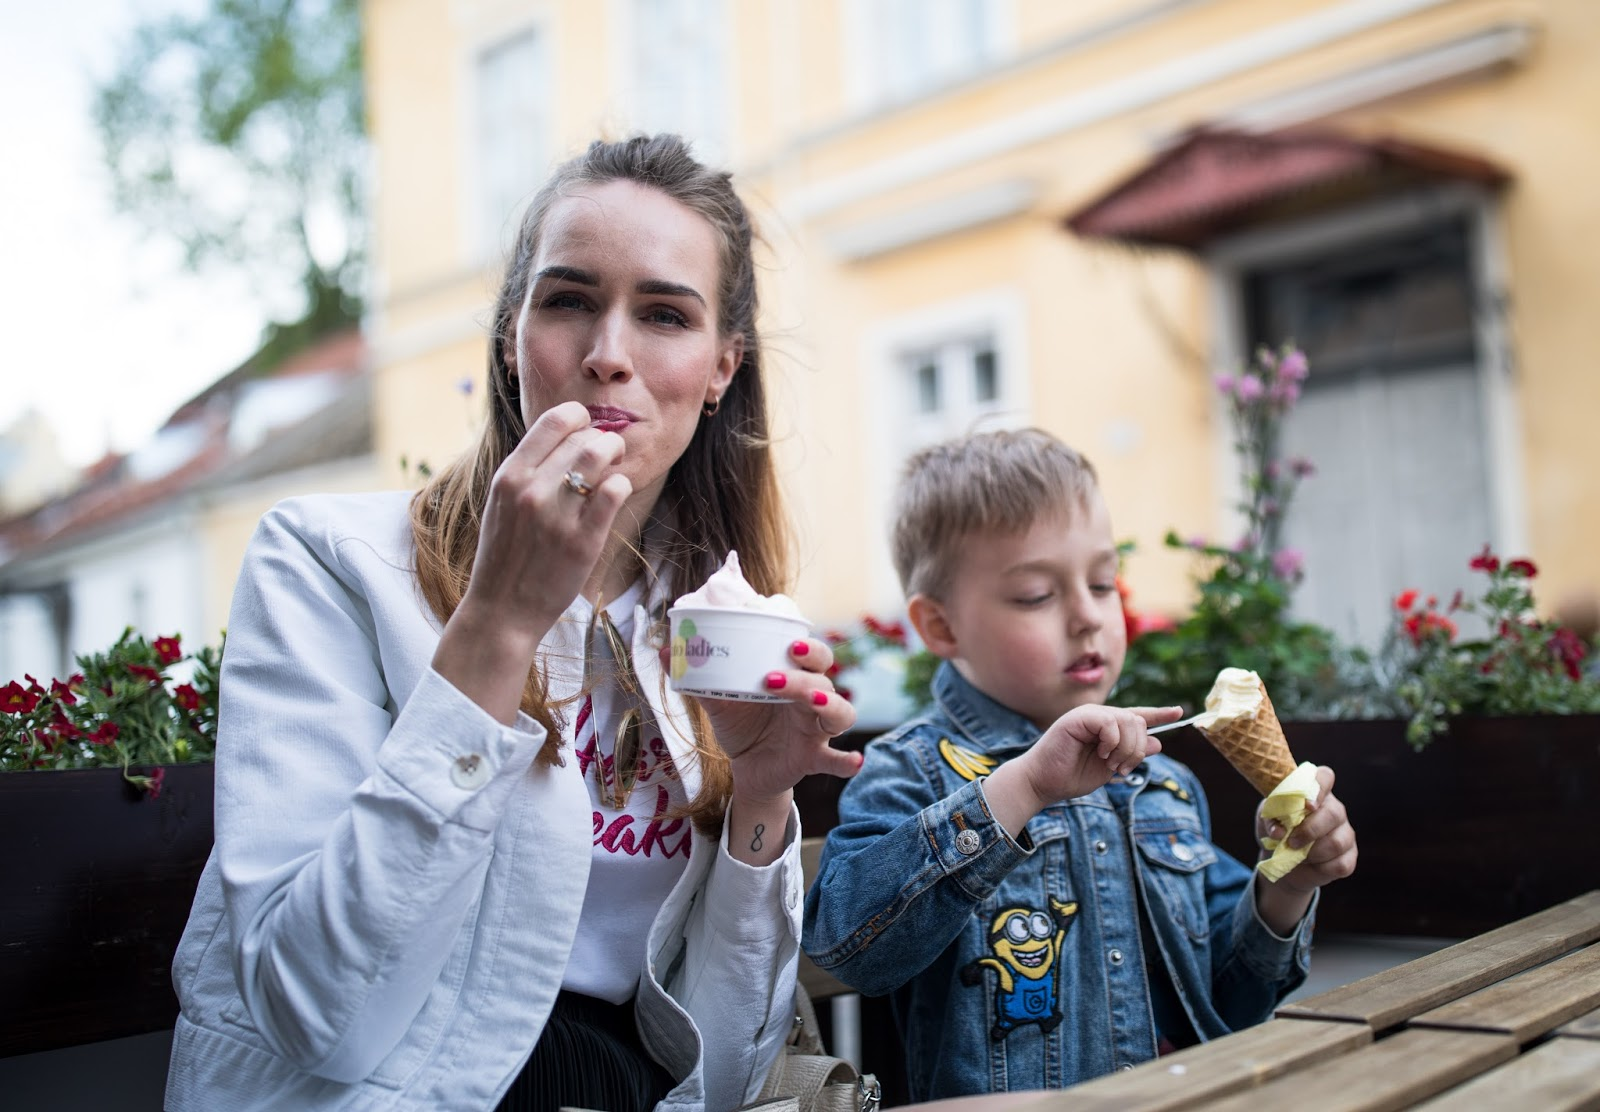 gelato icecream eating happiness